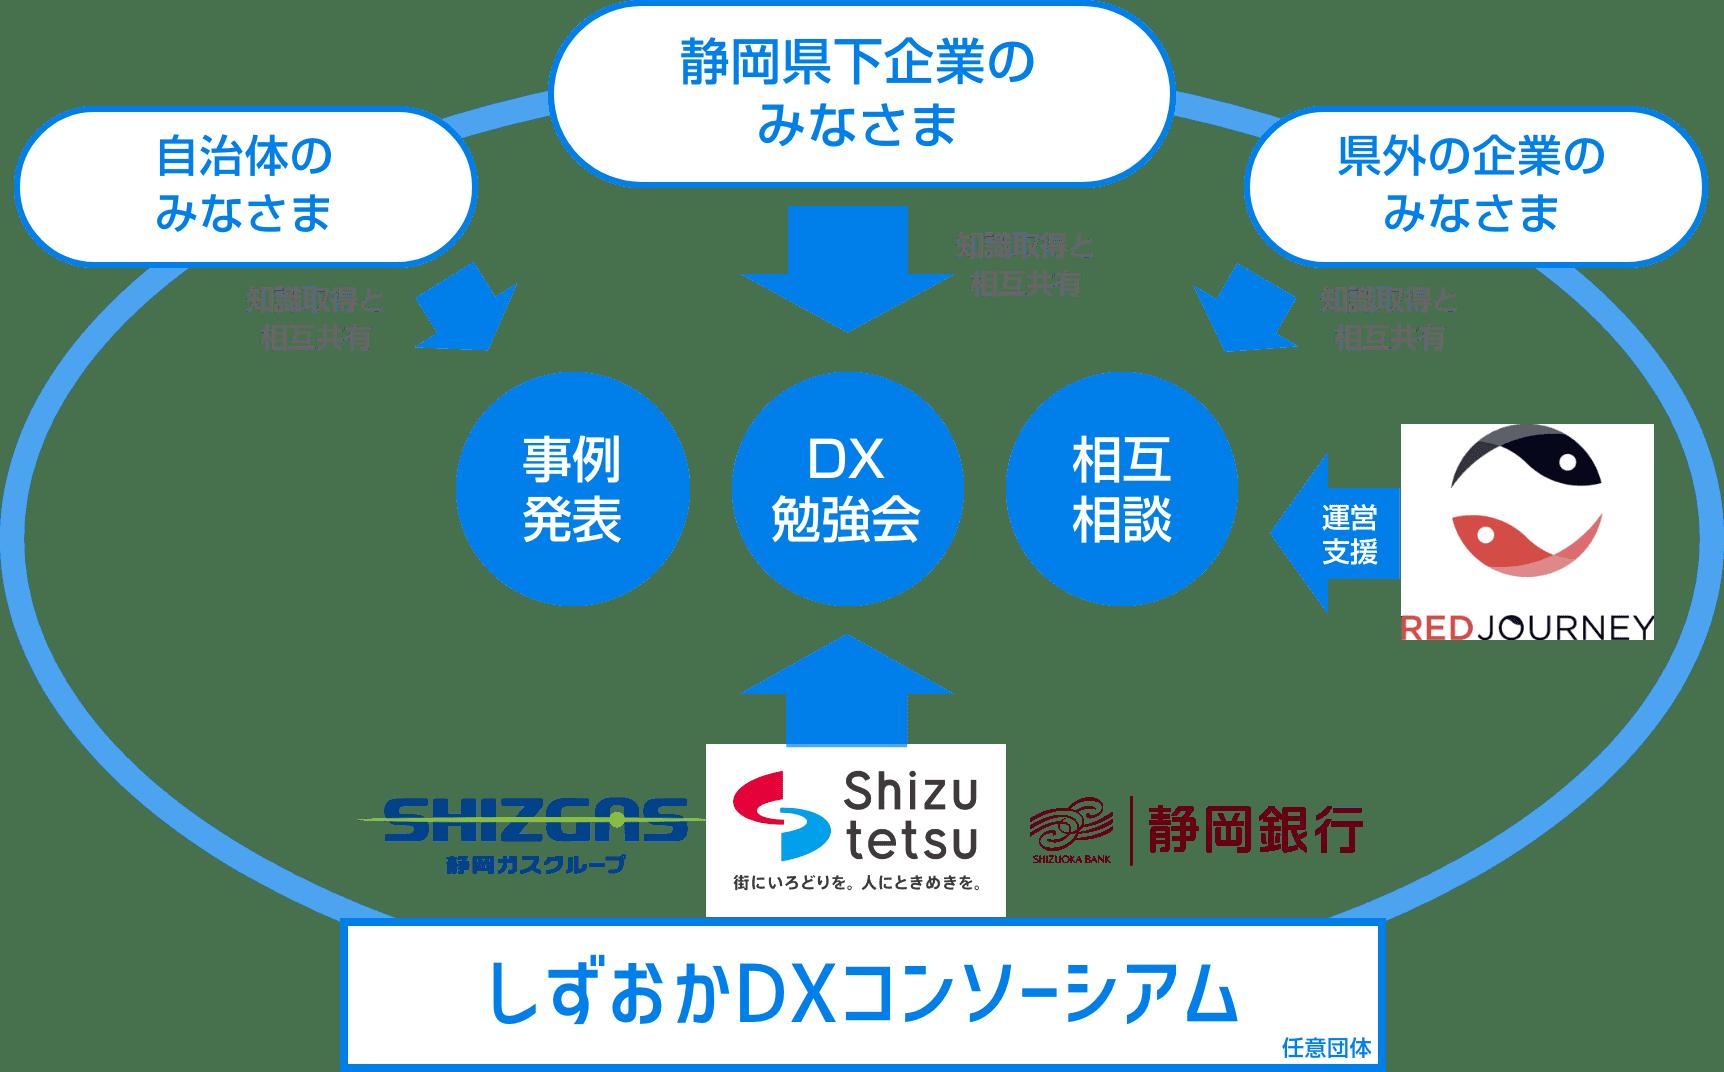 しずおかDXコンソーシアムの説明図